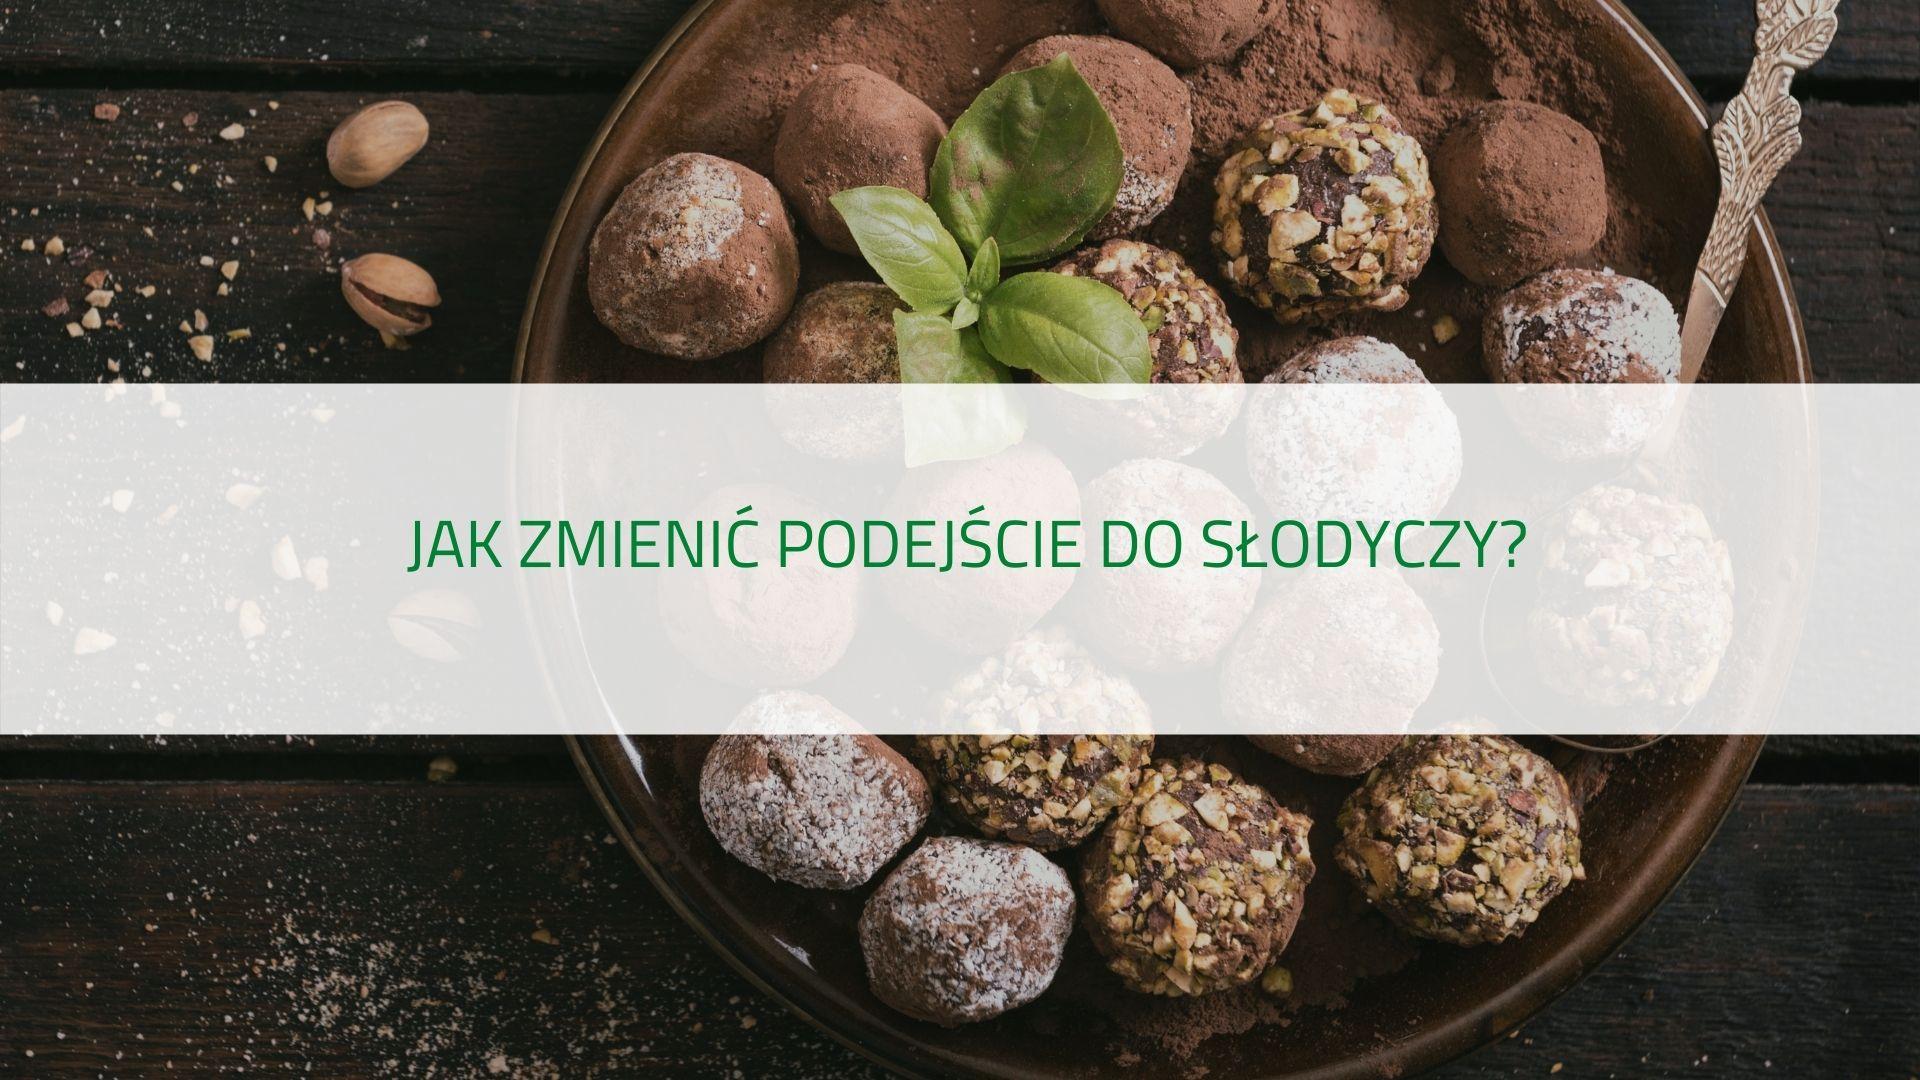 PODCAST - Jak zmienić podejście do słodyczy?